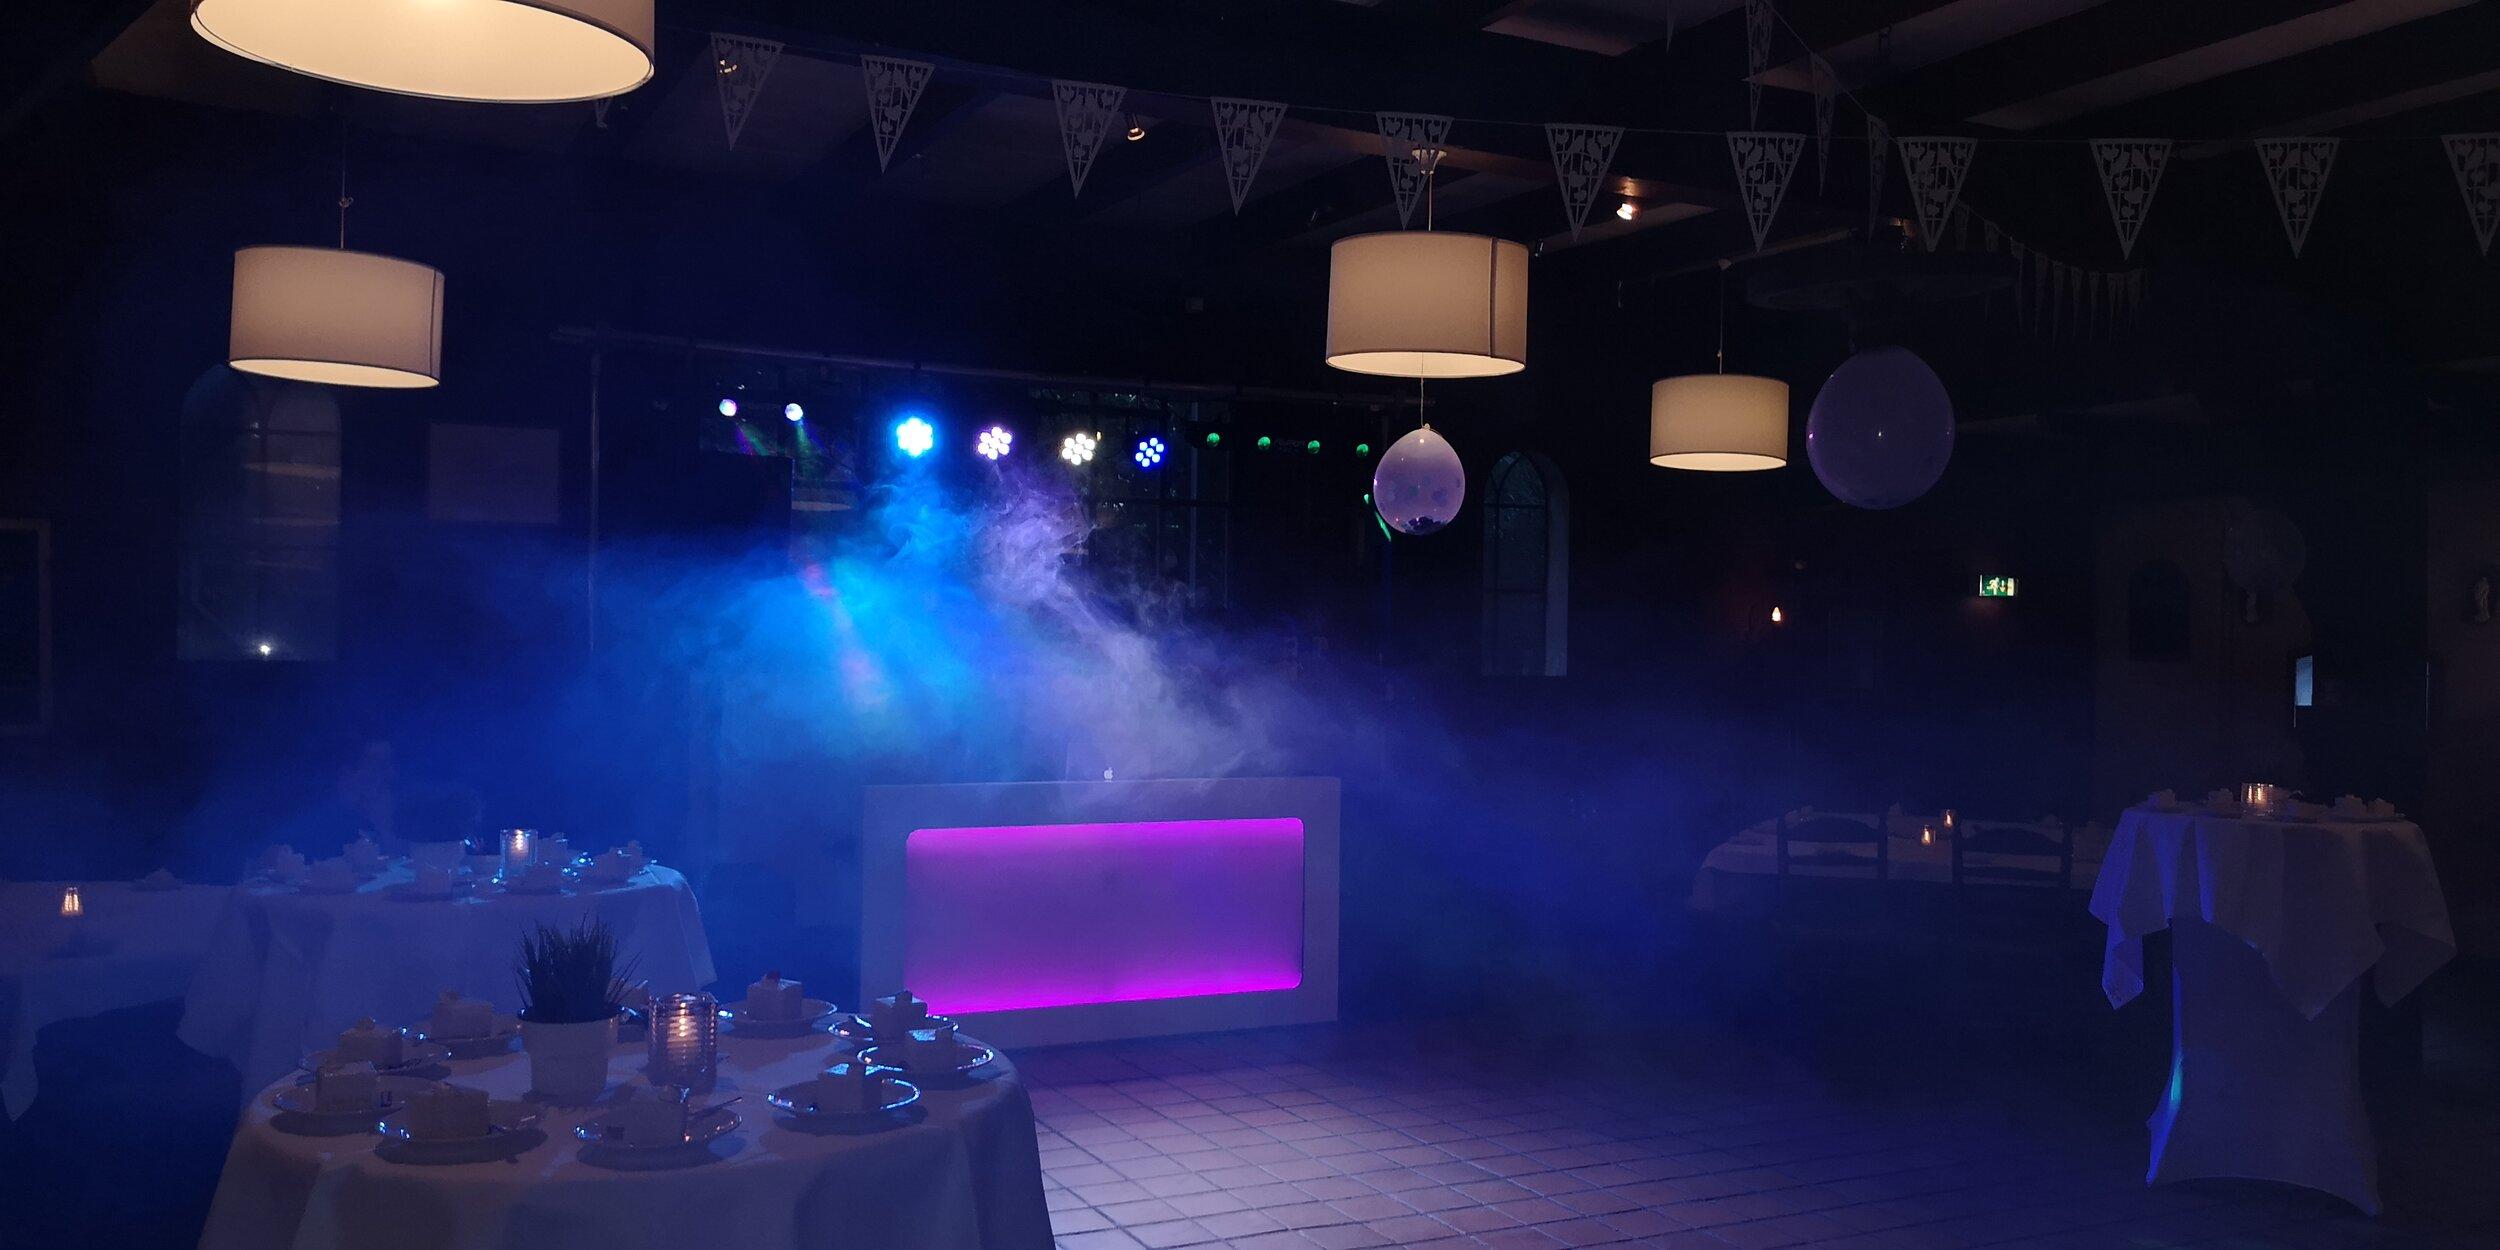 DJ-inhuren-feest-apparatuur-06.jpg